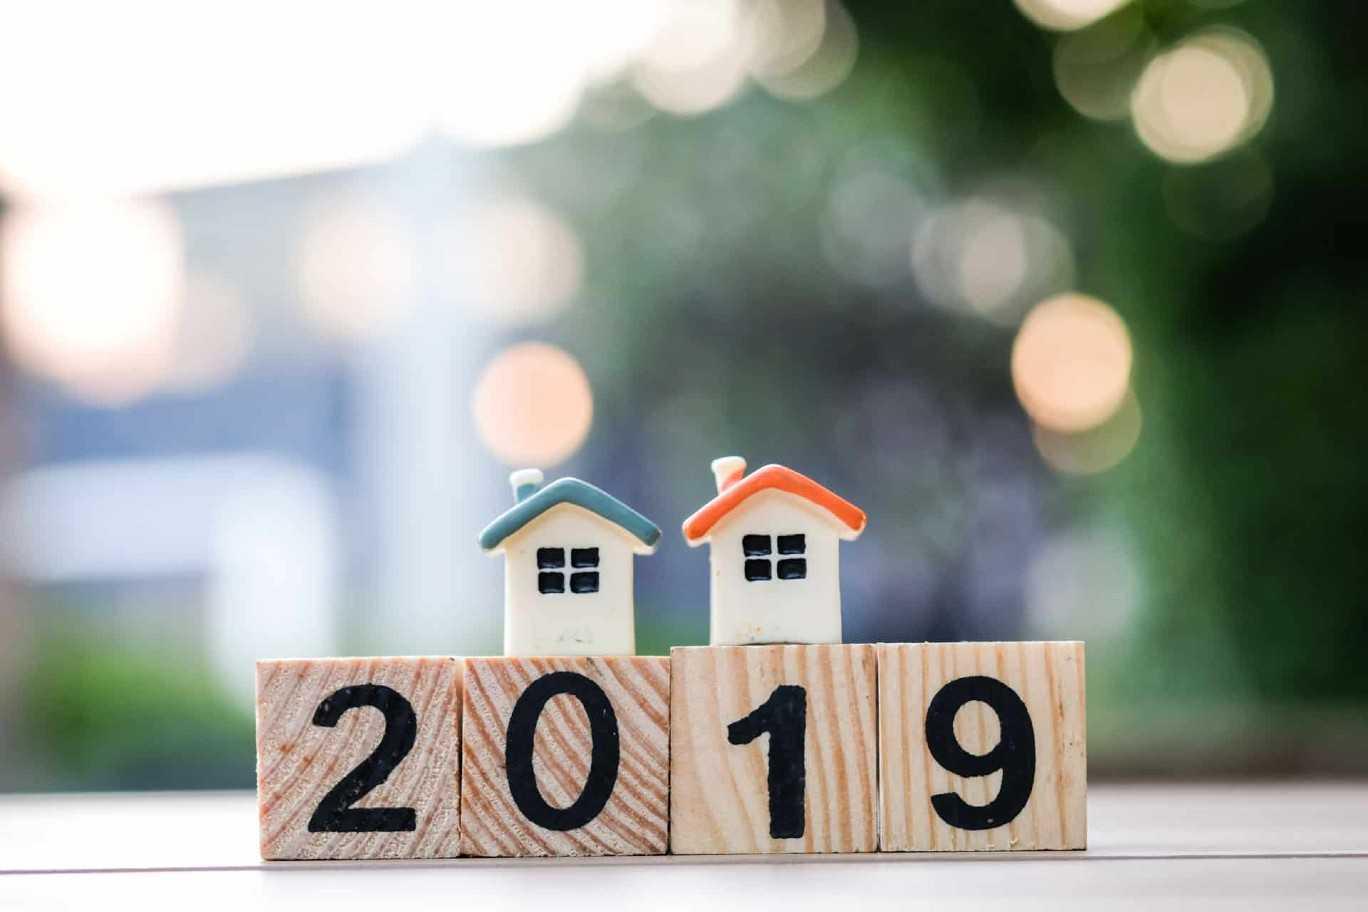 2019 Wood Blocks Model Tiny House